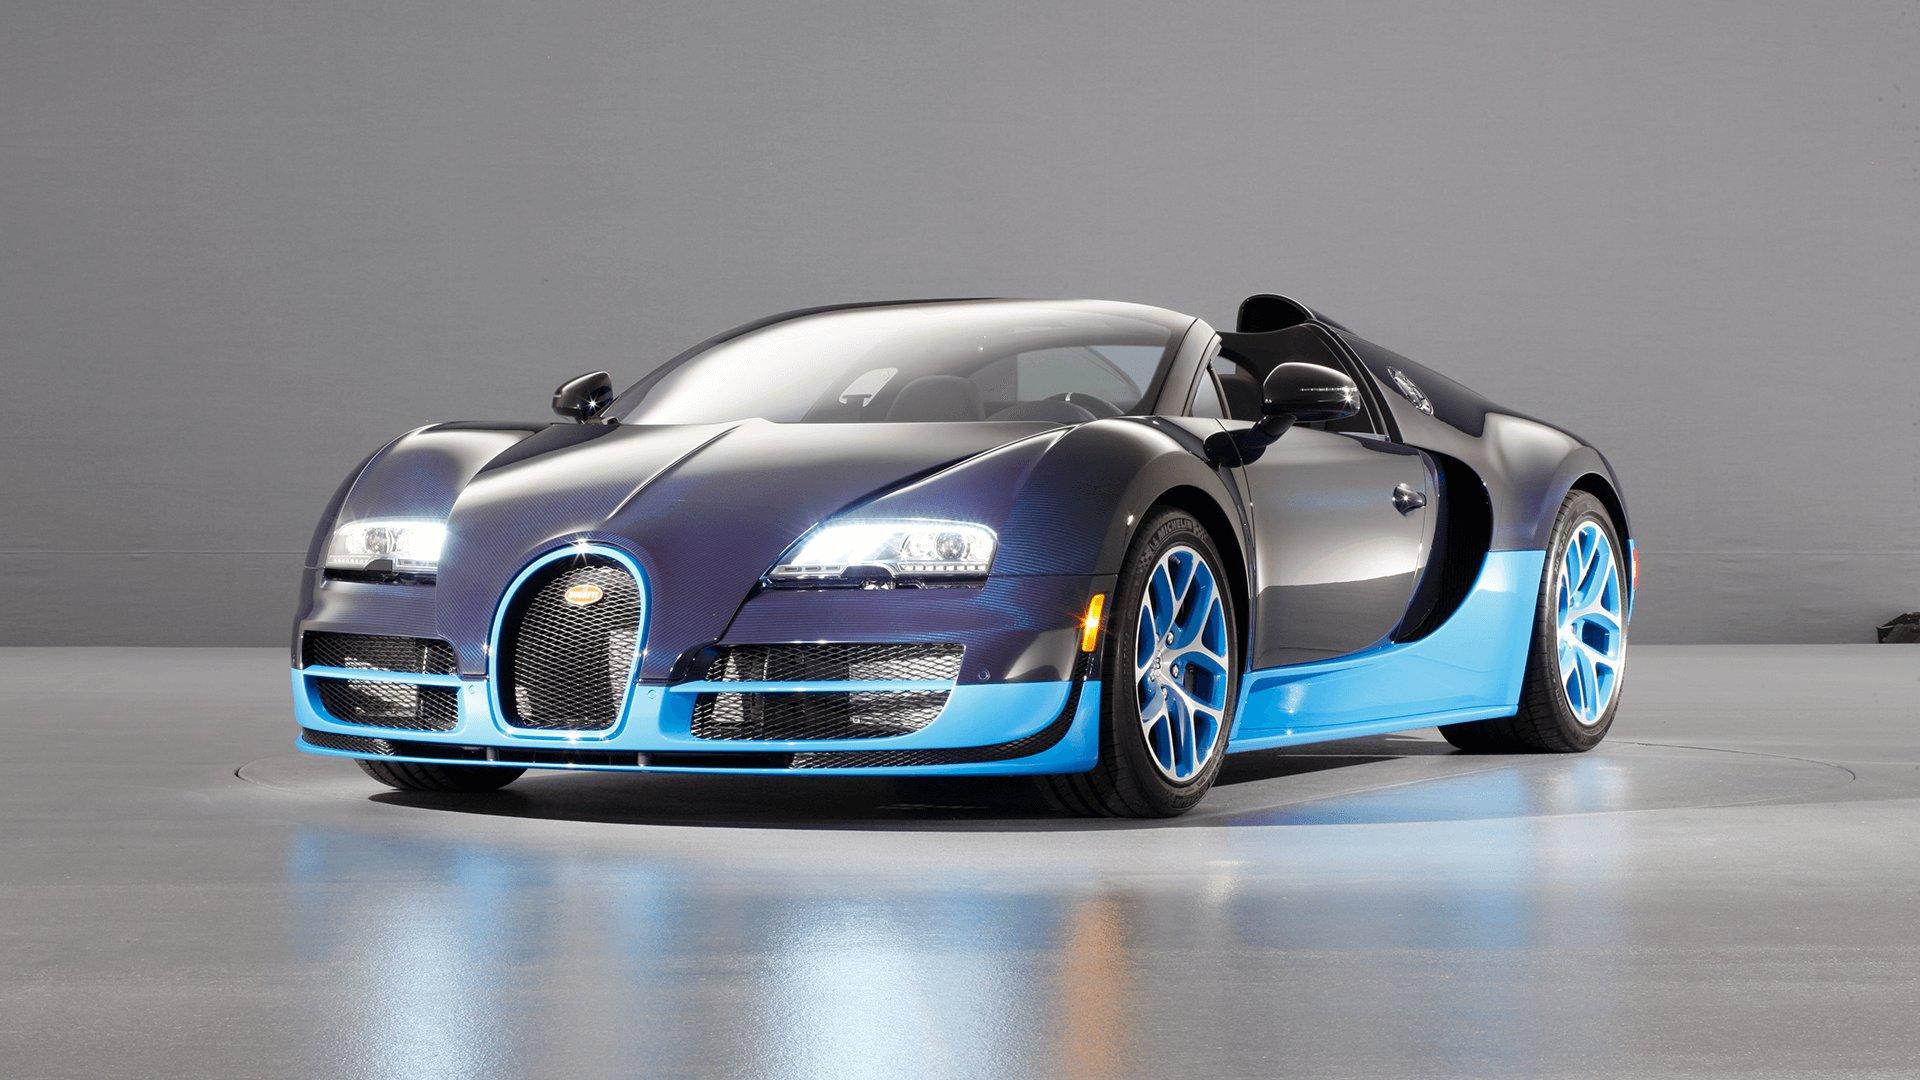 Giá tính phí trước bạ cao nhất thuộc về dòng xe Bugati Veryon với mức giá trên 66 tỷ đồng.